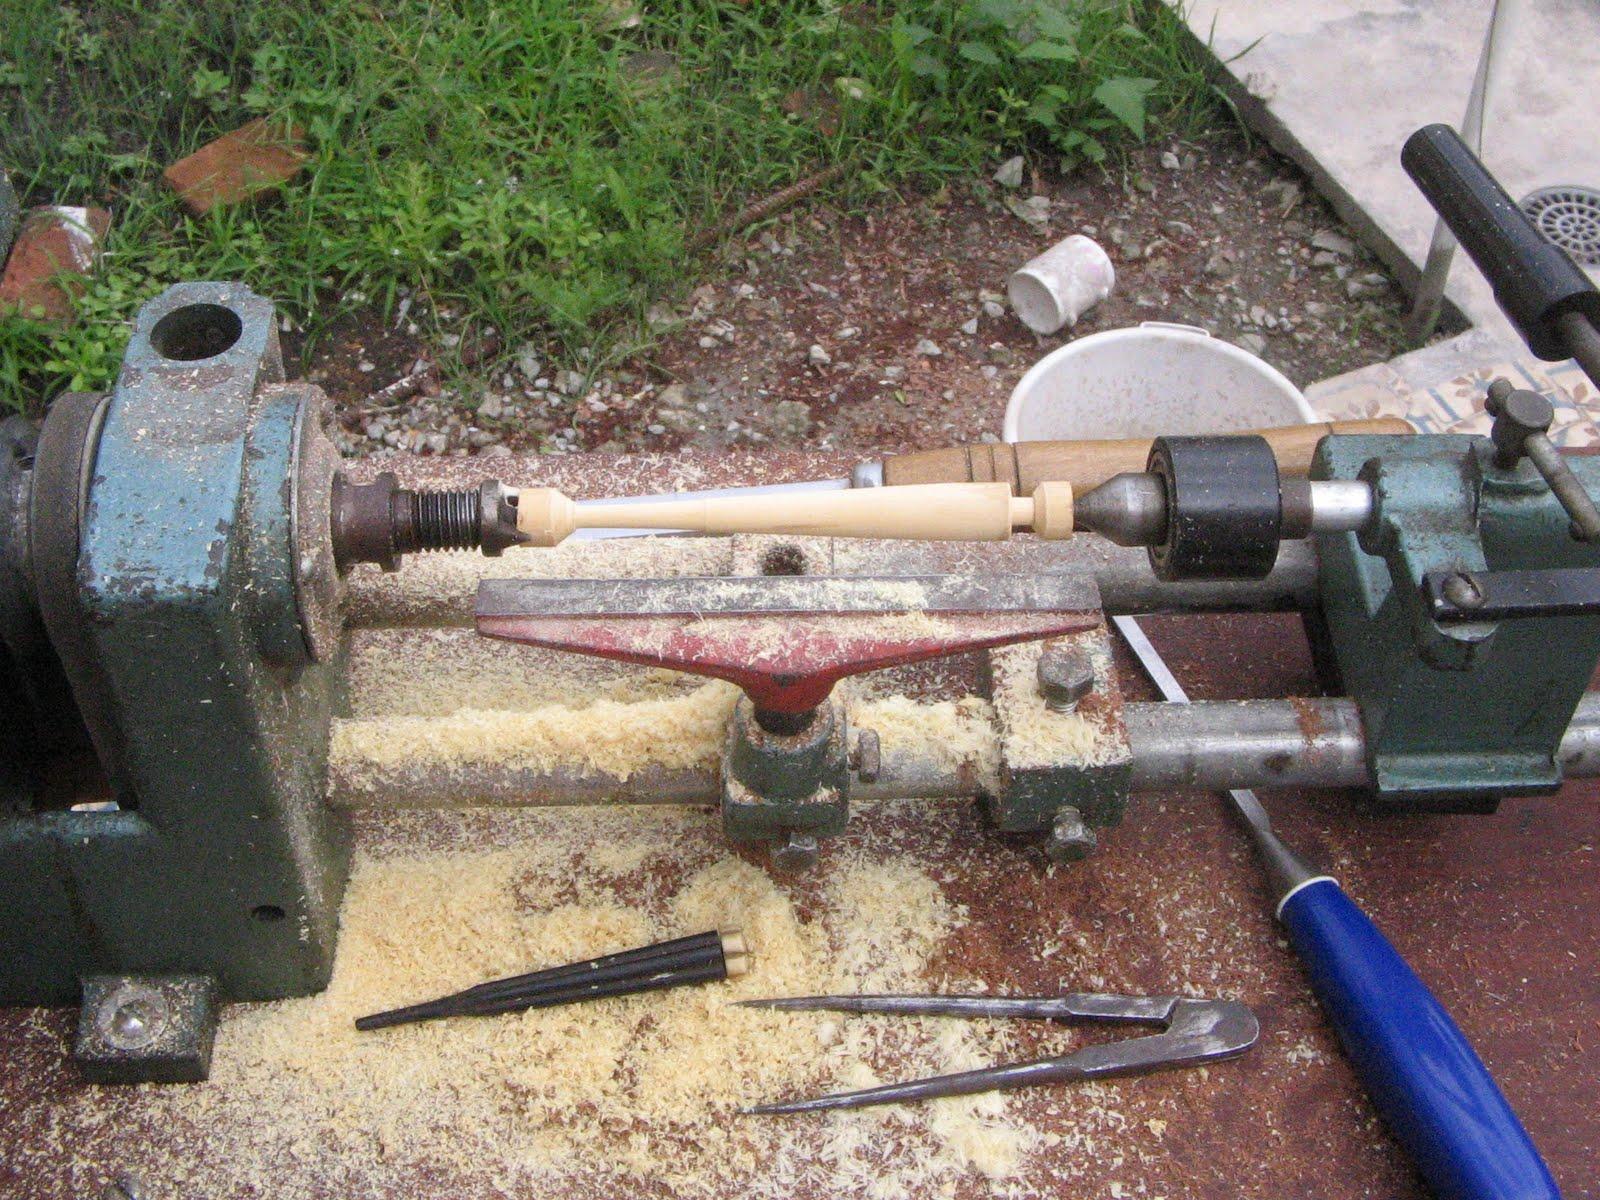 #2B3B81 luthier: Sanshin fazendo nova cravelha no torno 1600x1200 px bancada com cavalete @ bernauer.info Móveis Antigos Novos E Usados Online